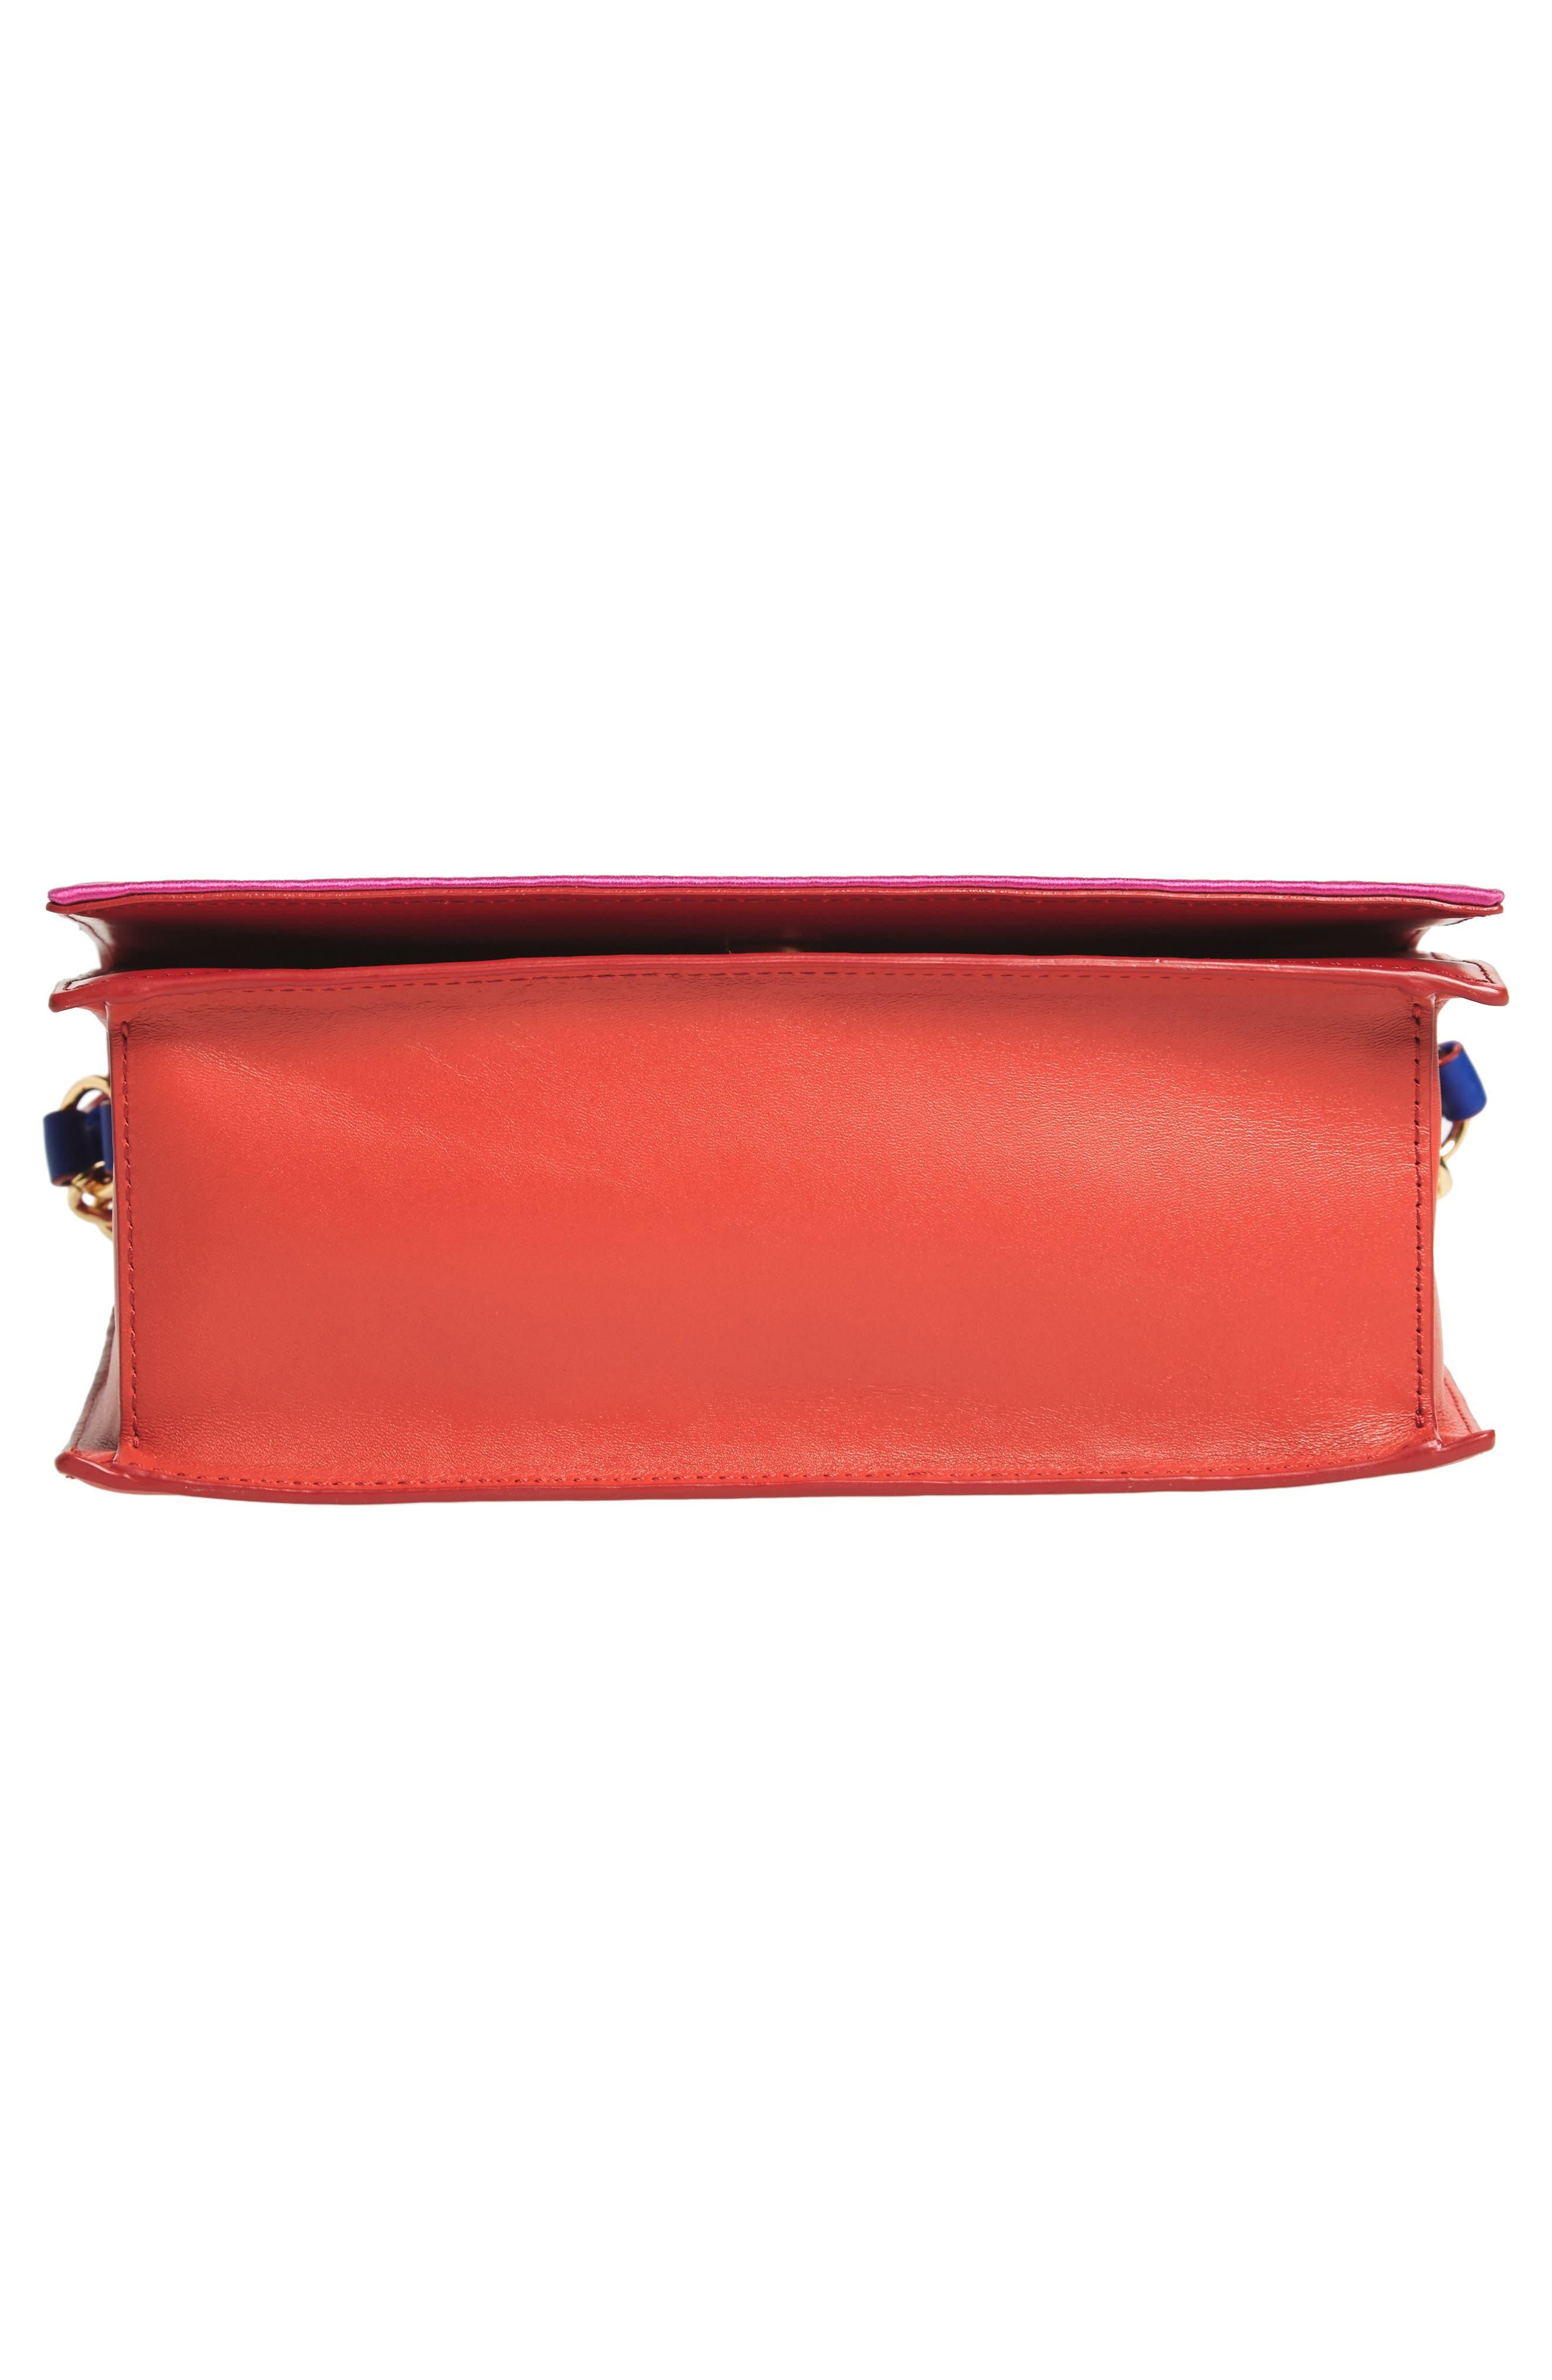 Soirée Satin & Leather Top Handle Bag,                             Alternate thumbnail 6, color,